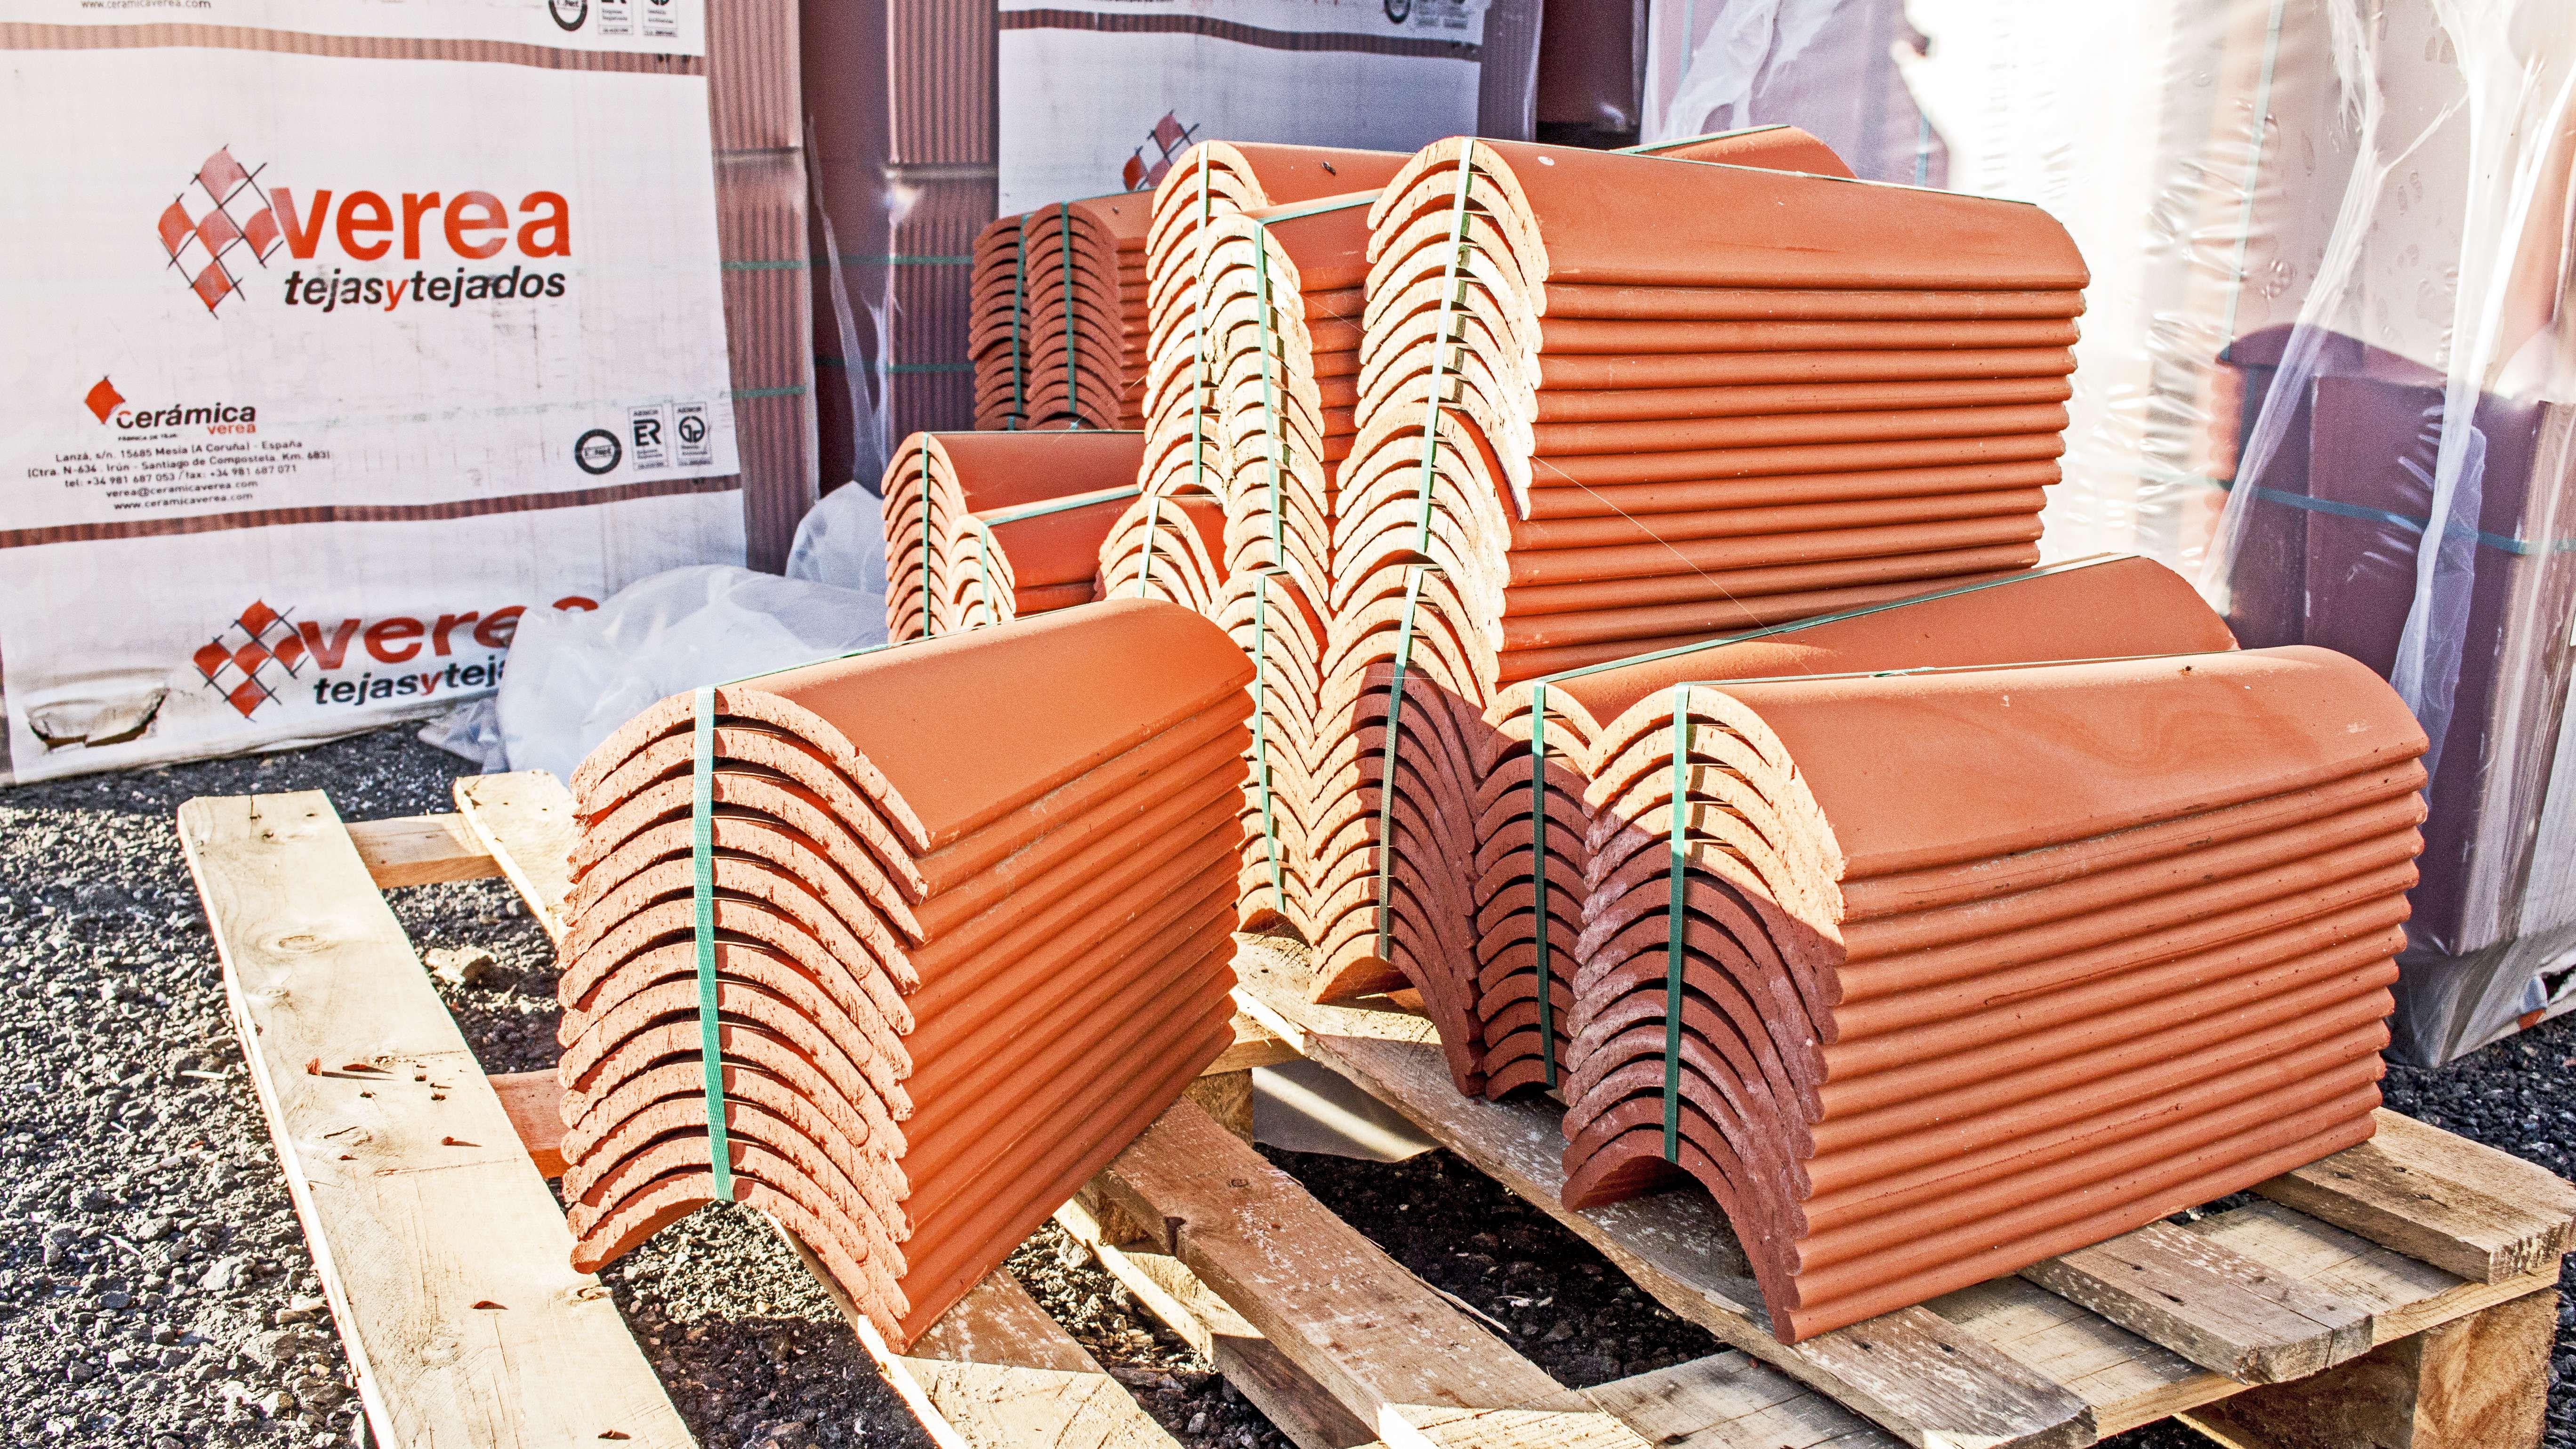 Cementos y materiales para la construcción en Lugo